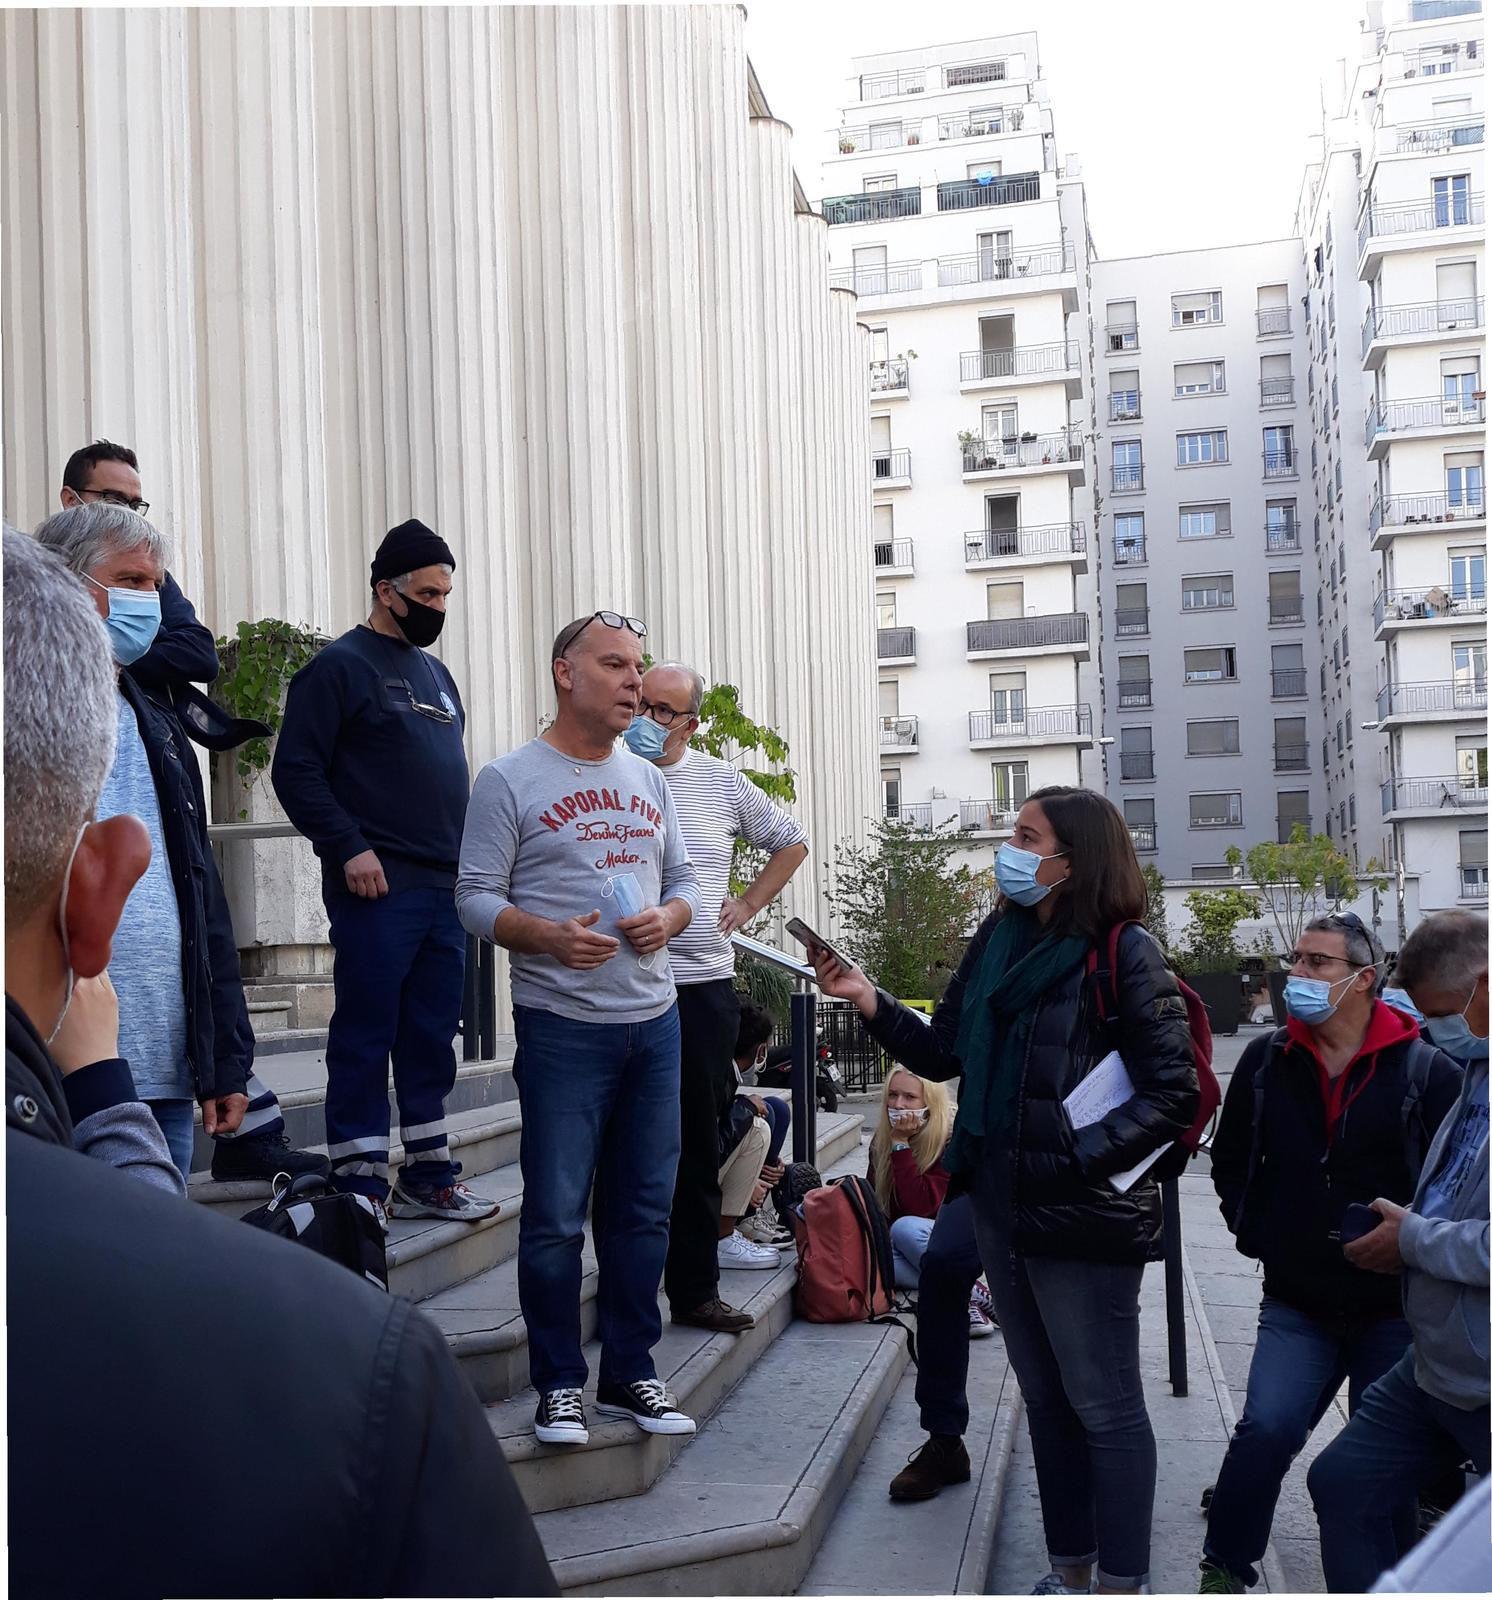 Grid Villeurbanne : lundi 23 novembre, l'action se durçit face au refus de General Electric de négocier sérieusement !